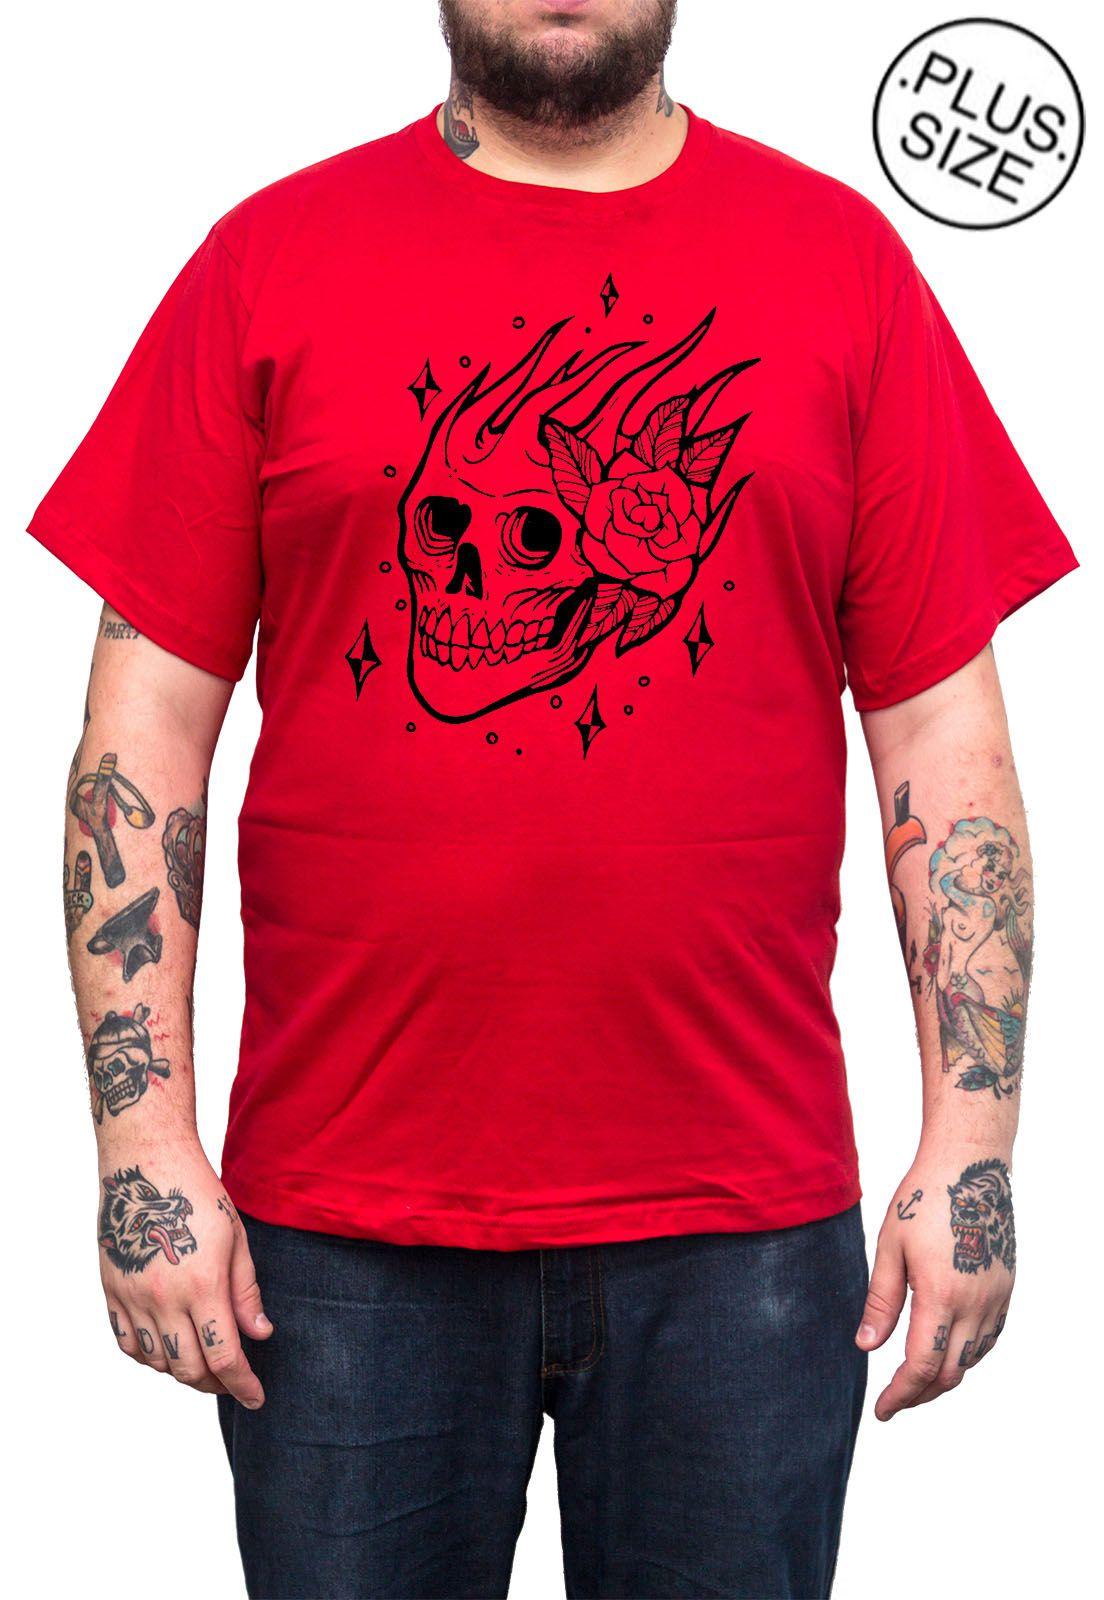 Camiseta Hshop Skull Rose - Vermelho - Plus Size - Tamanho Grande XG  - HShop